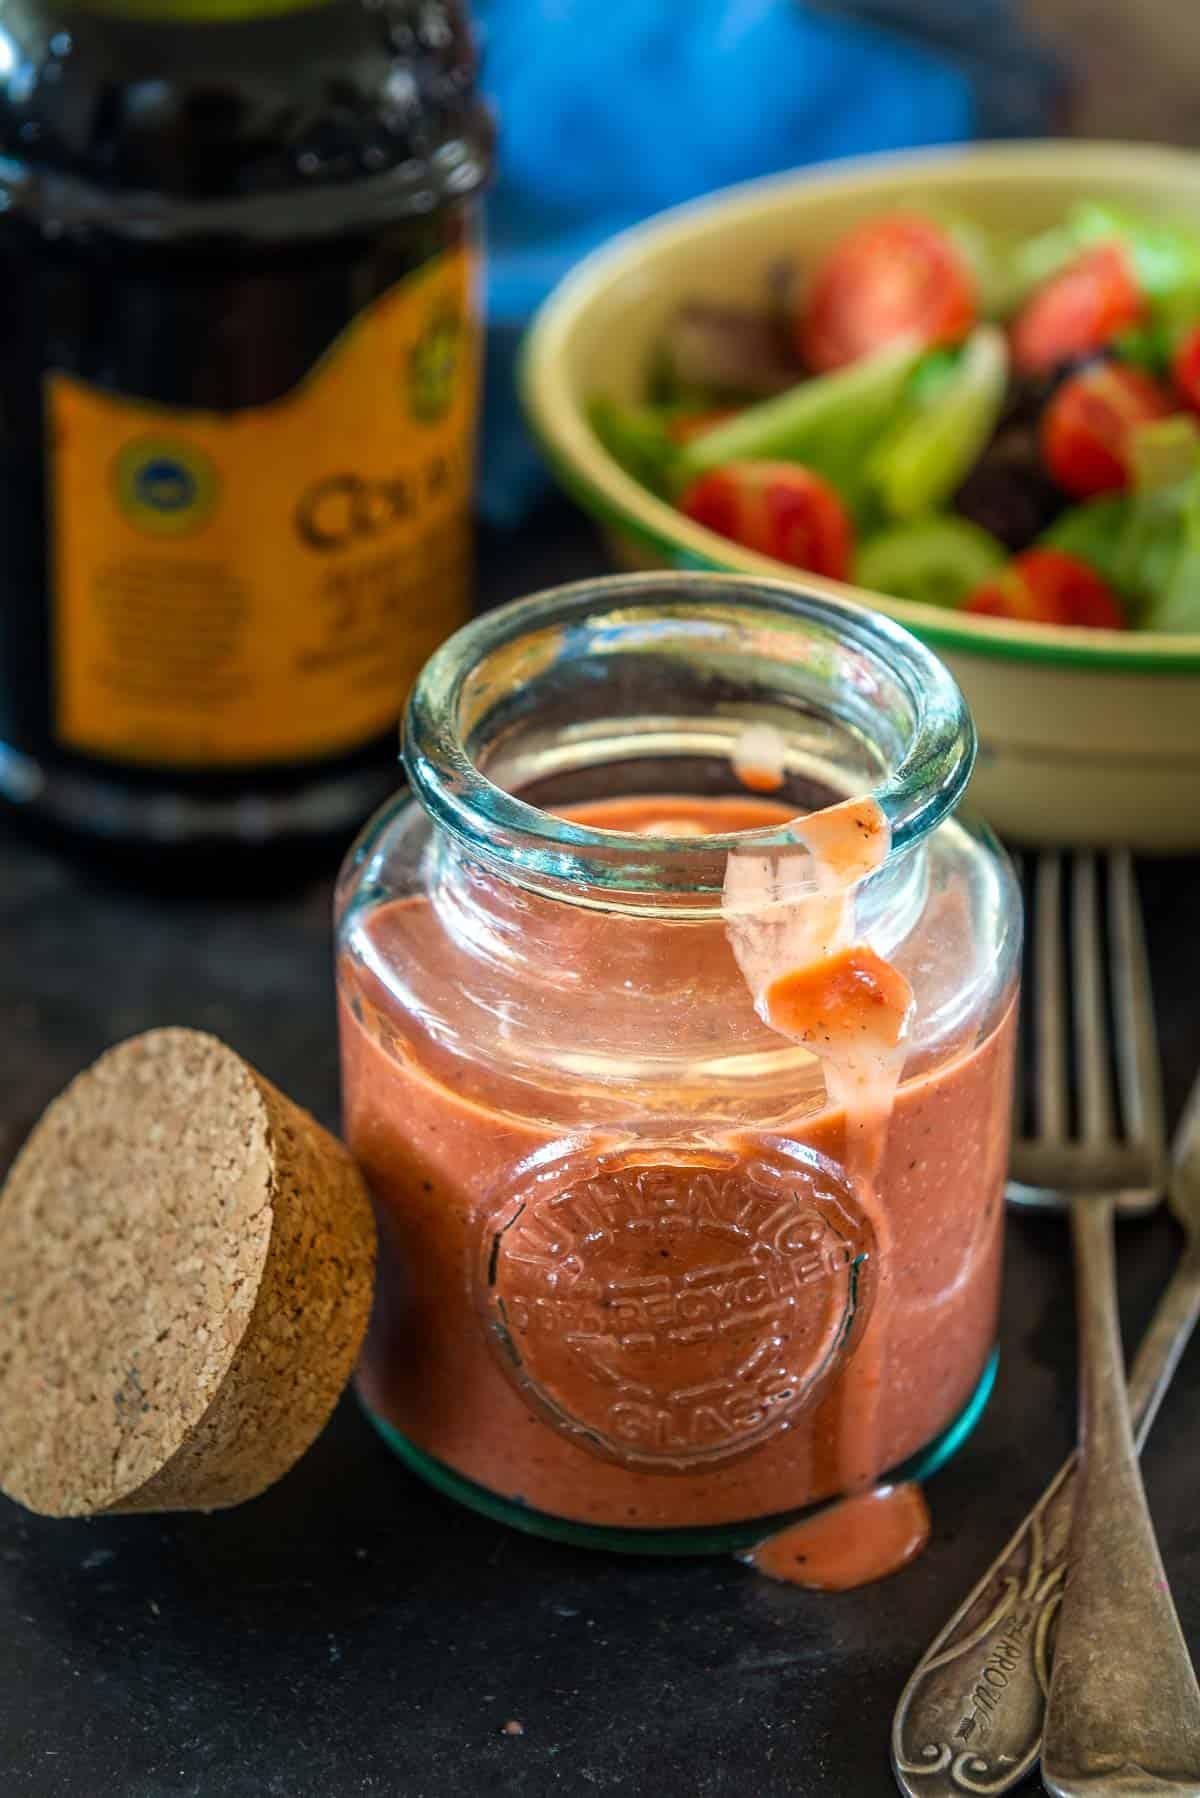 Strawberry vinaigrette served in a glass bottle.